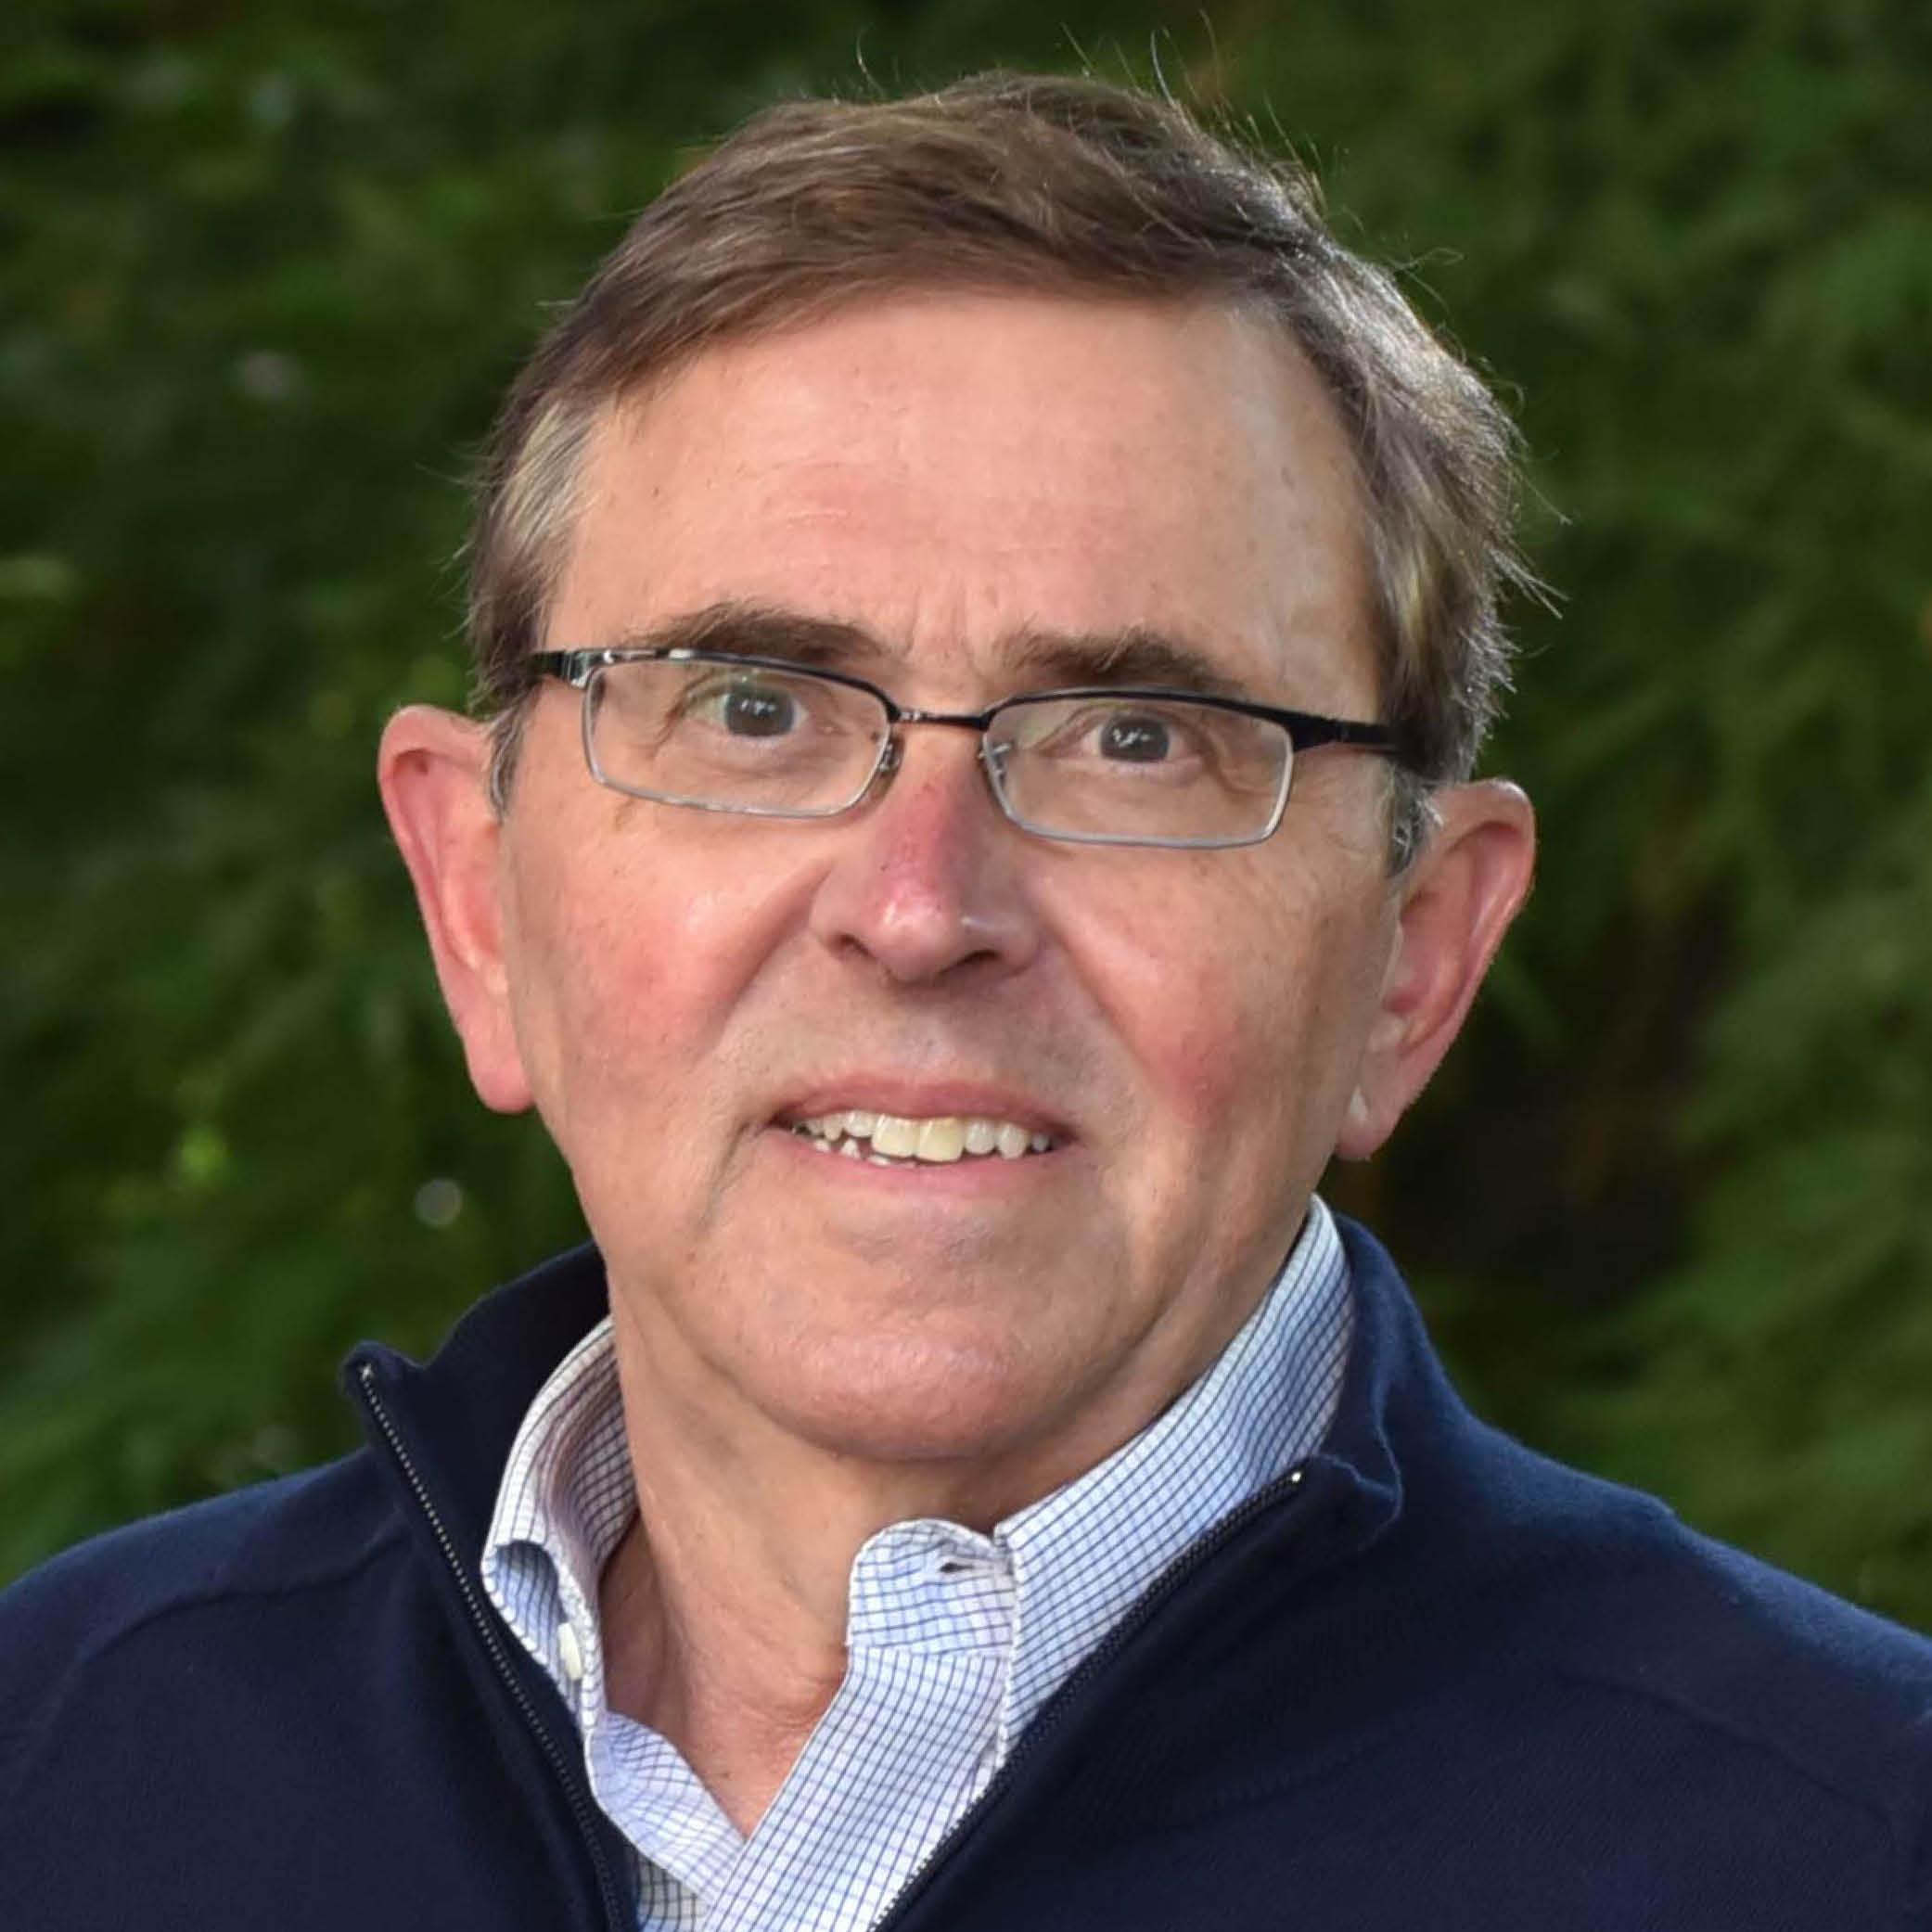 Steven K. Green